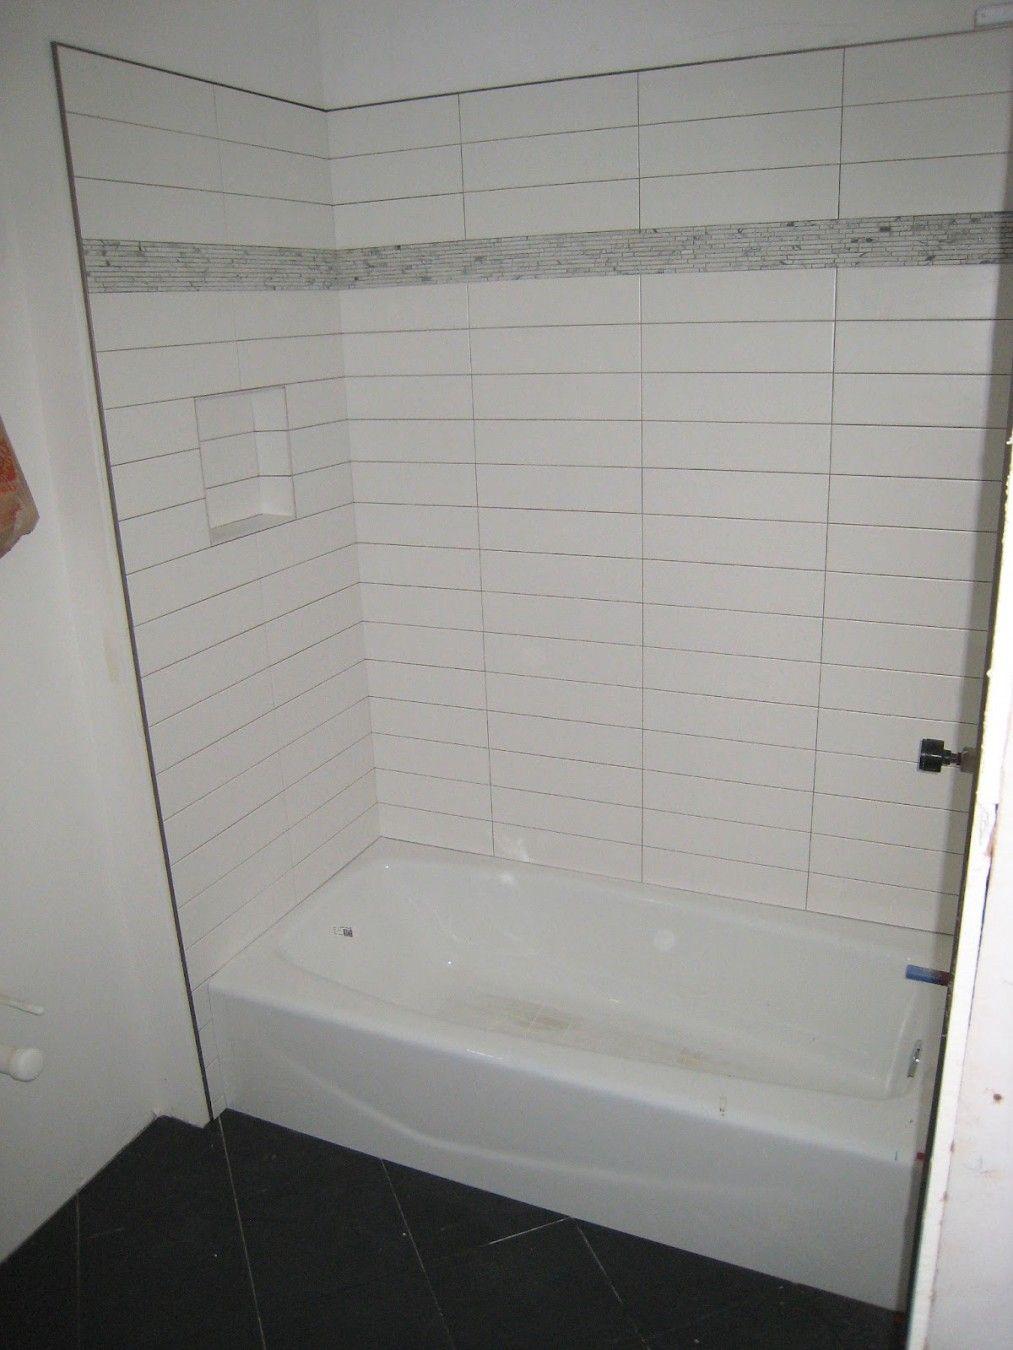 Stacked 4x12 Tile Patterned Bathroom Tiles Shower Tile Subway